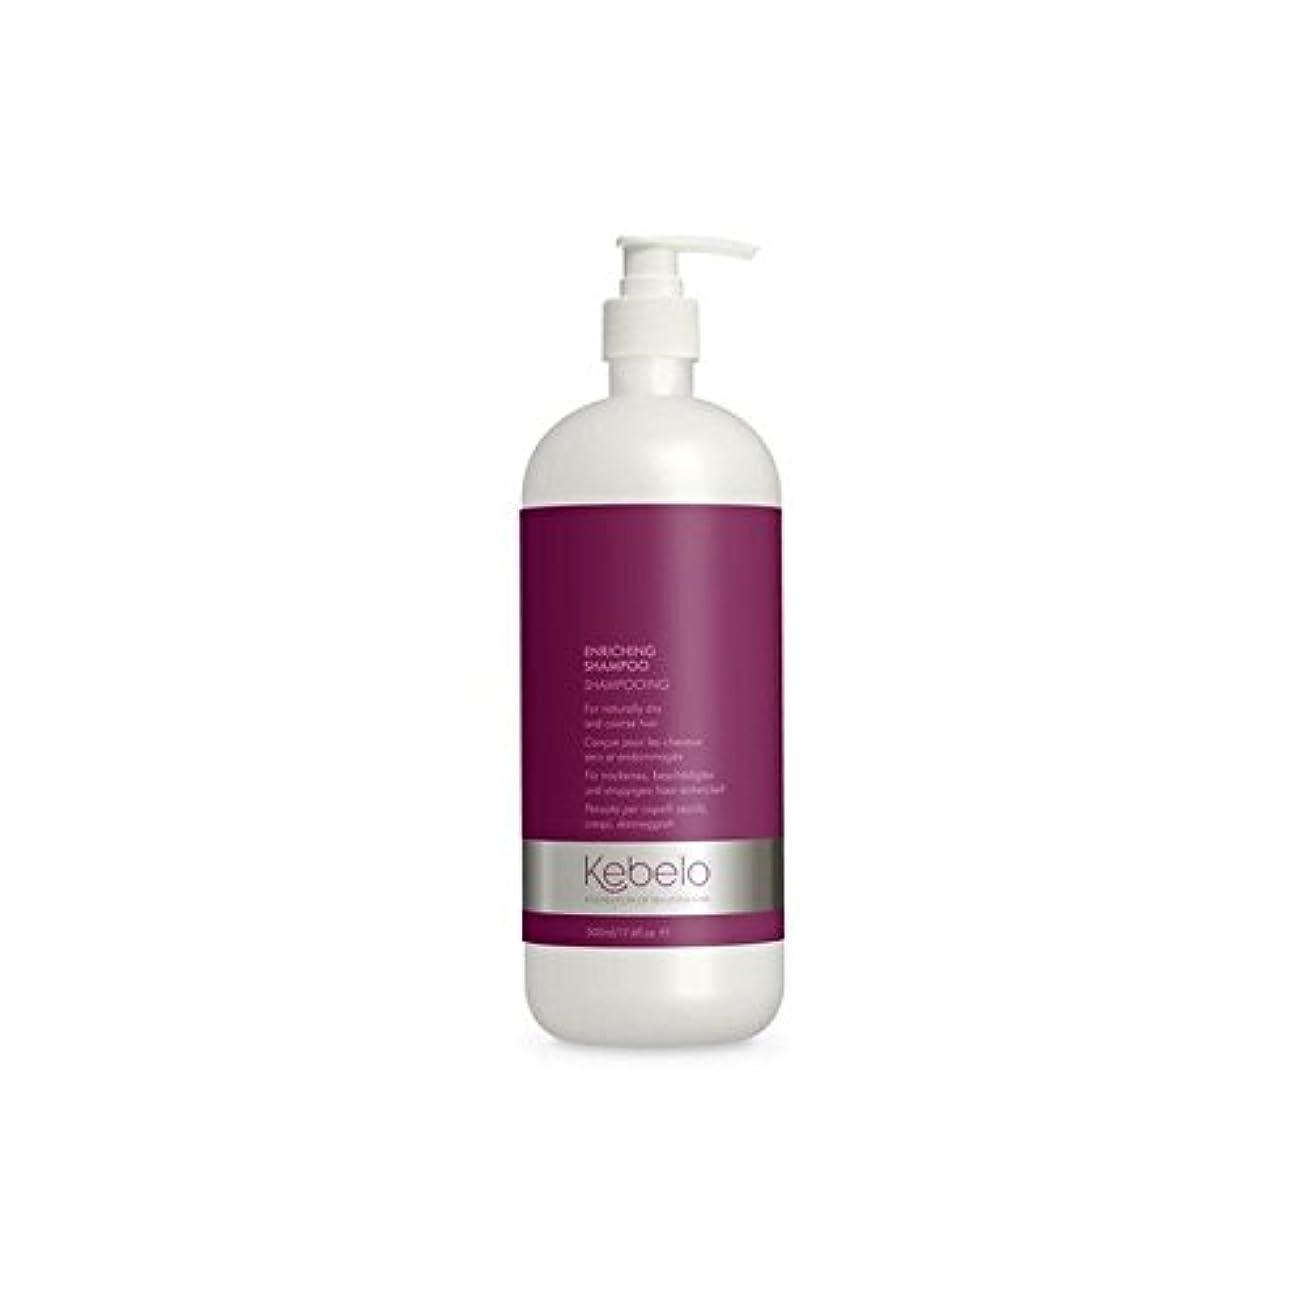 箱放映瞬時にシャンプー500ミリリットルを豊かに x2 - Kebelo Enriching Shampoo 500ml (Pack of 2) [並行輸入品]